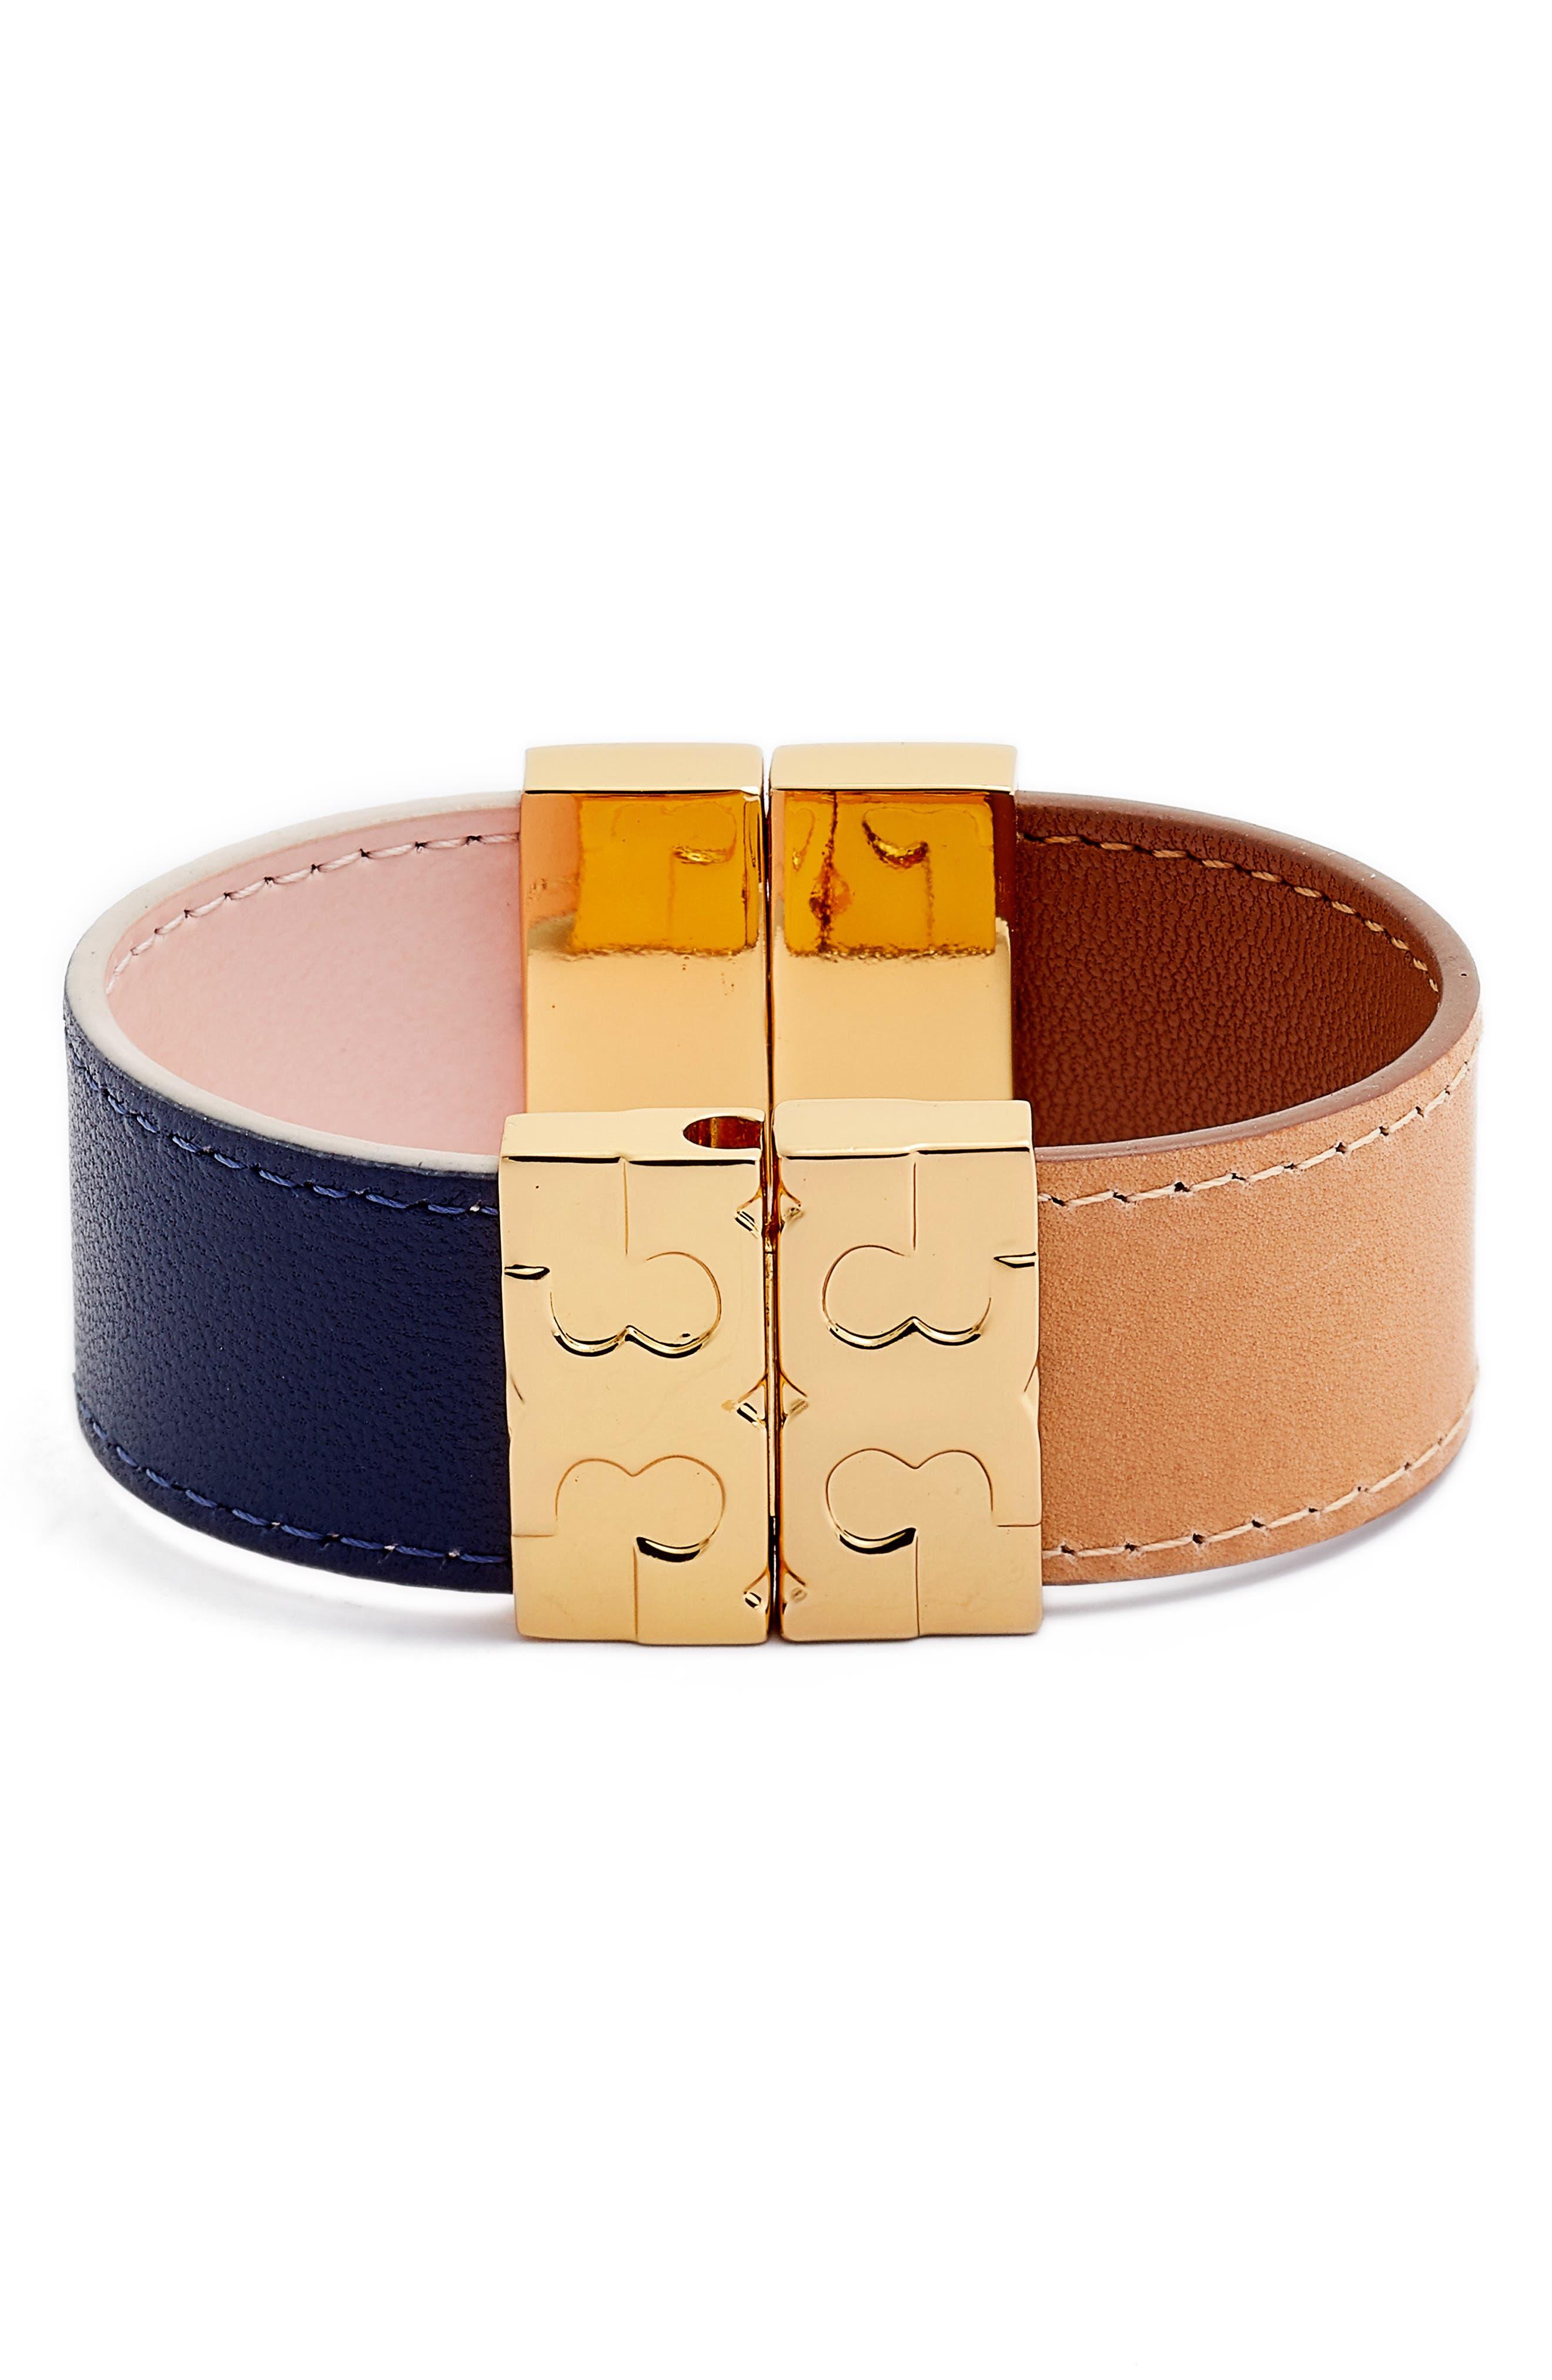 Colorblock Reversible Leather Bracelet,                             Main thumbnail 1, color,                             710